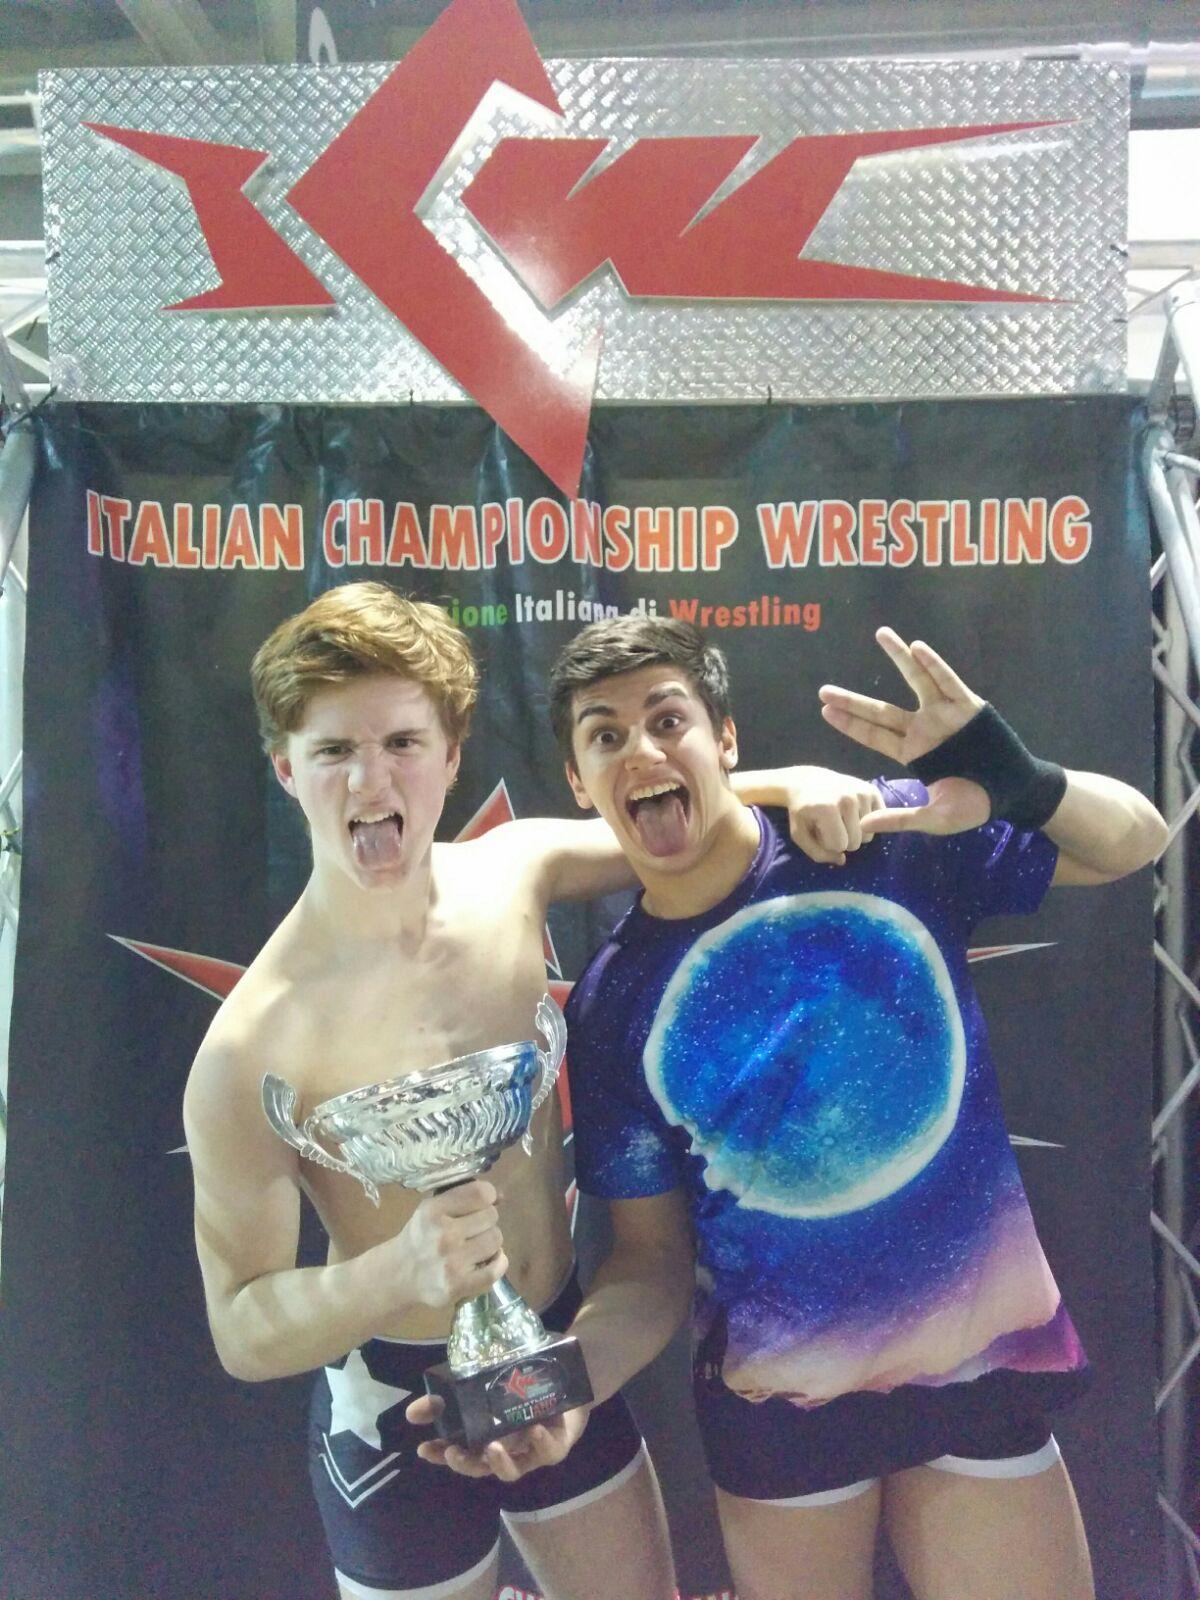 Con la vittoria della Cruiserweight Cup 2017 i Ragazzi Prodigio, Akira e Gravity, si dimostrano future leader della divisione Pesi Leggeri e Tag Team.